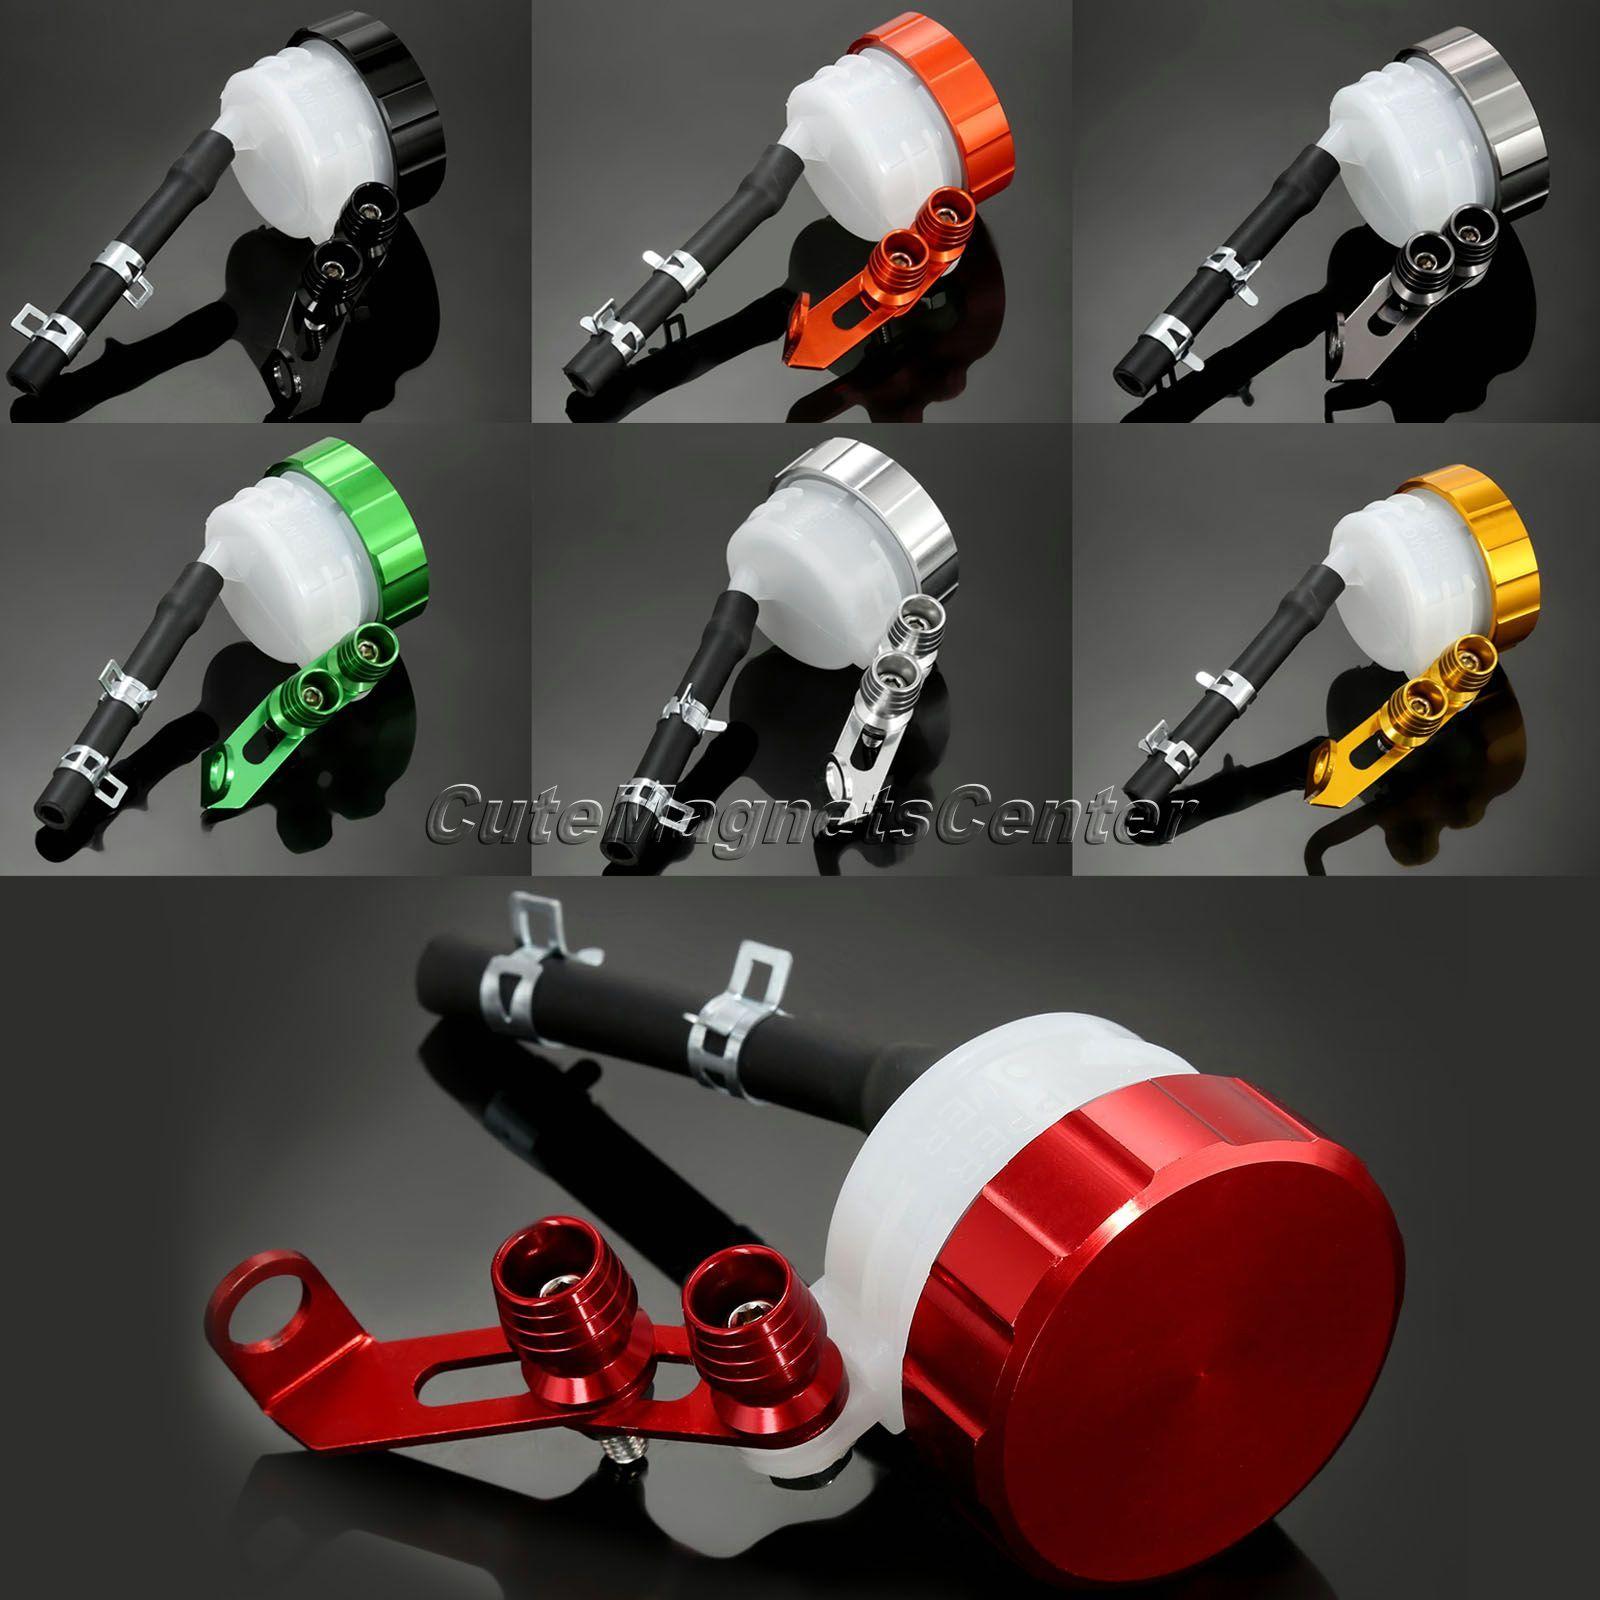 Mtsooning CNC réservoir de liquide de frein moto réservoir d'embrayage huile fluide tasse pour Aprilia Ducati Honda Kawasaki Suzuki Triumph Yamaha